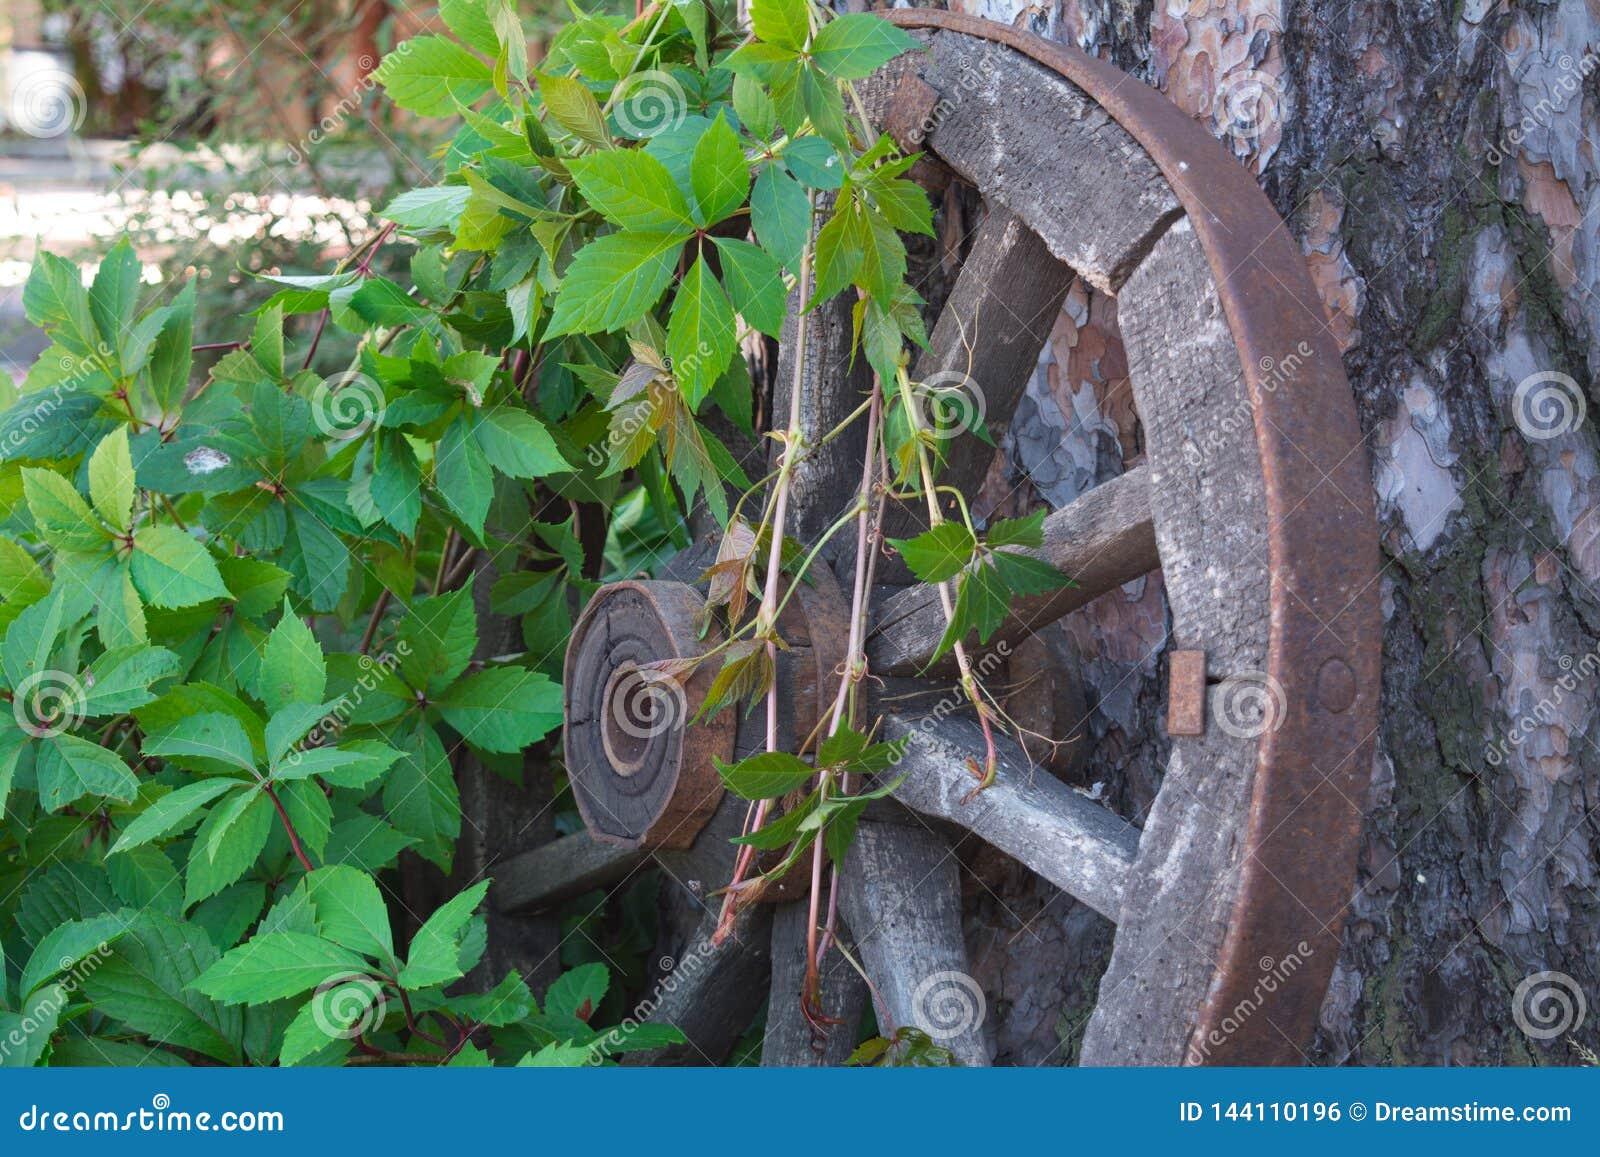 Cartwheel viejo entrelazado con las ramas de la uva salvaje